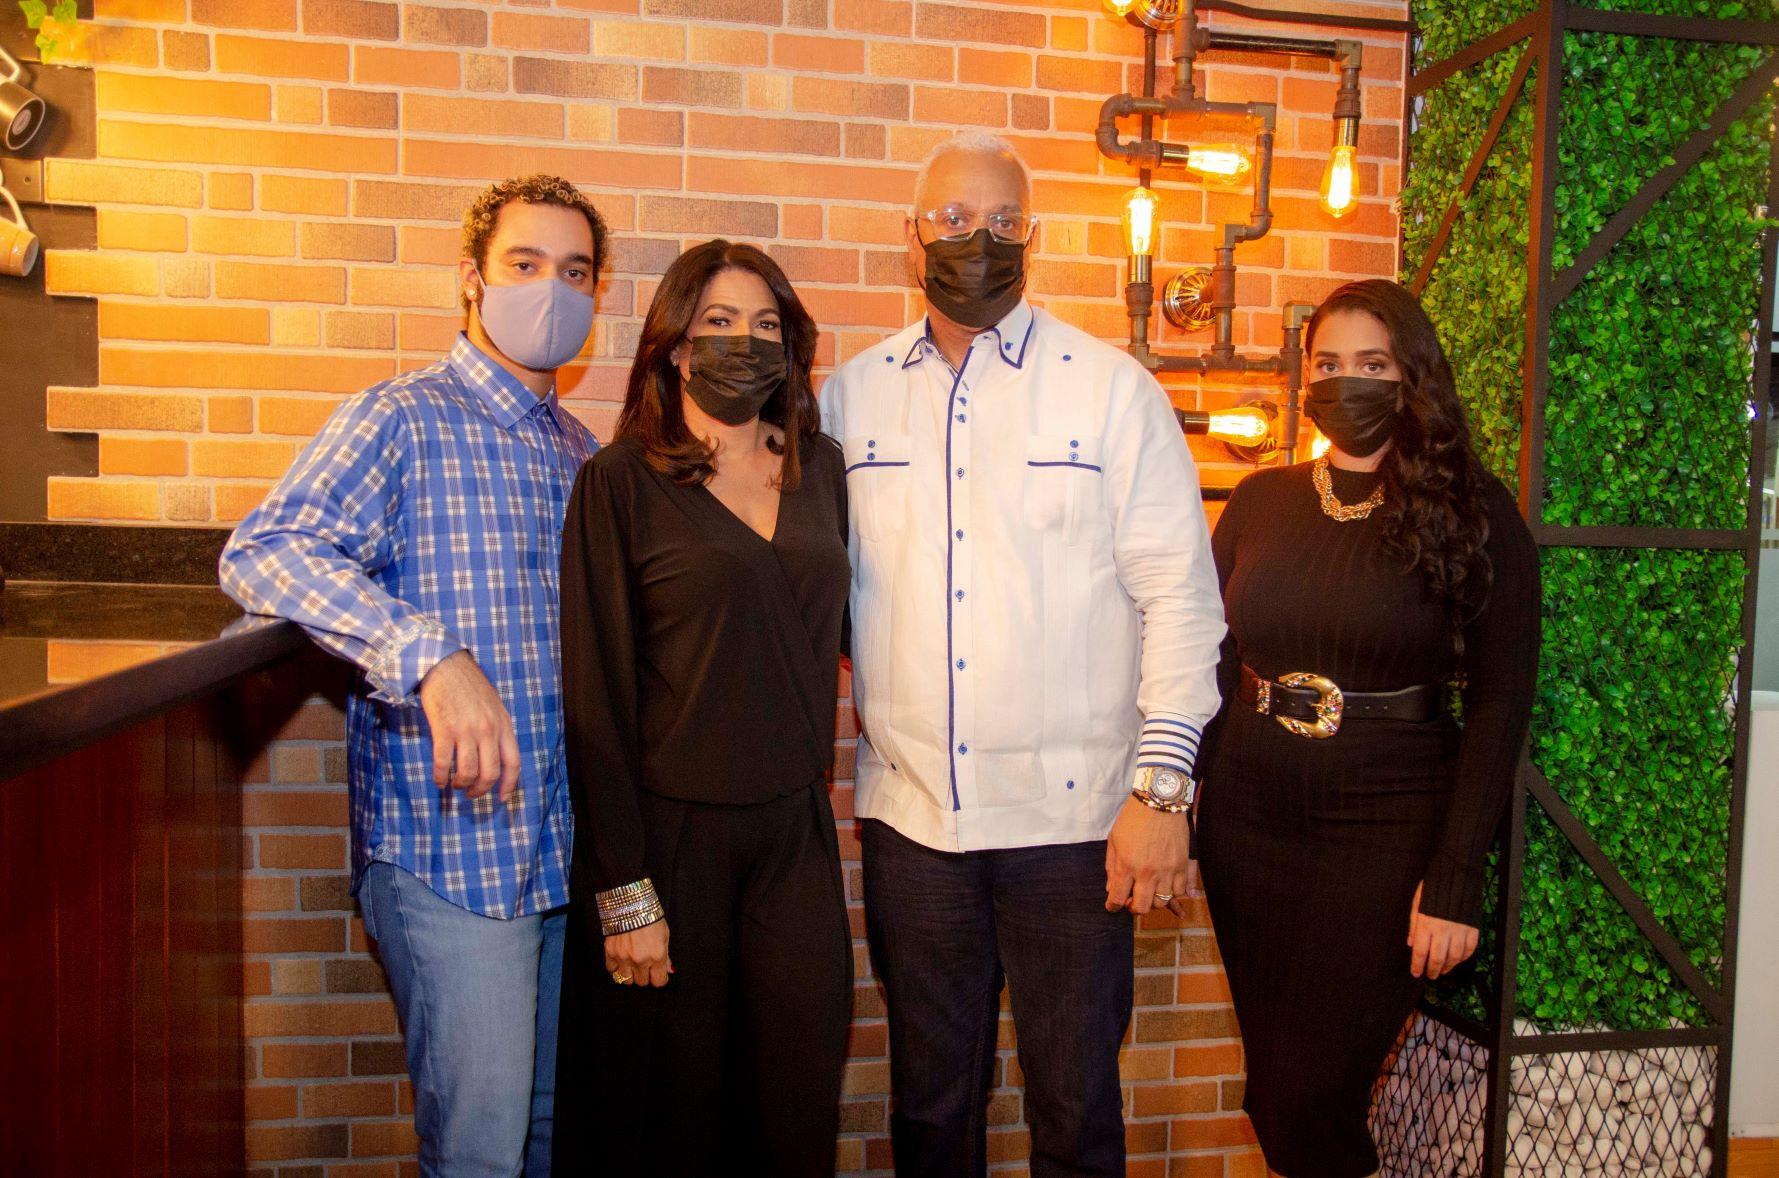 Matthew Cruz, Fatima Ureña, Raymond Cruz y Eledy Cruz en la inauguración de Inauguran My Place Coffee and Grill.